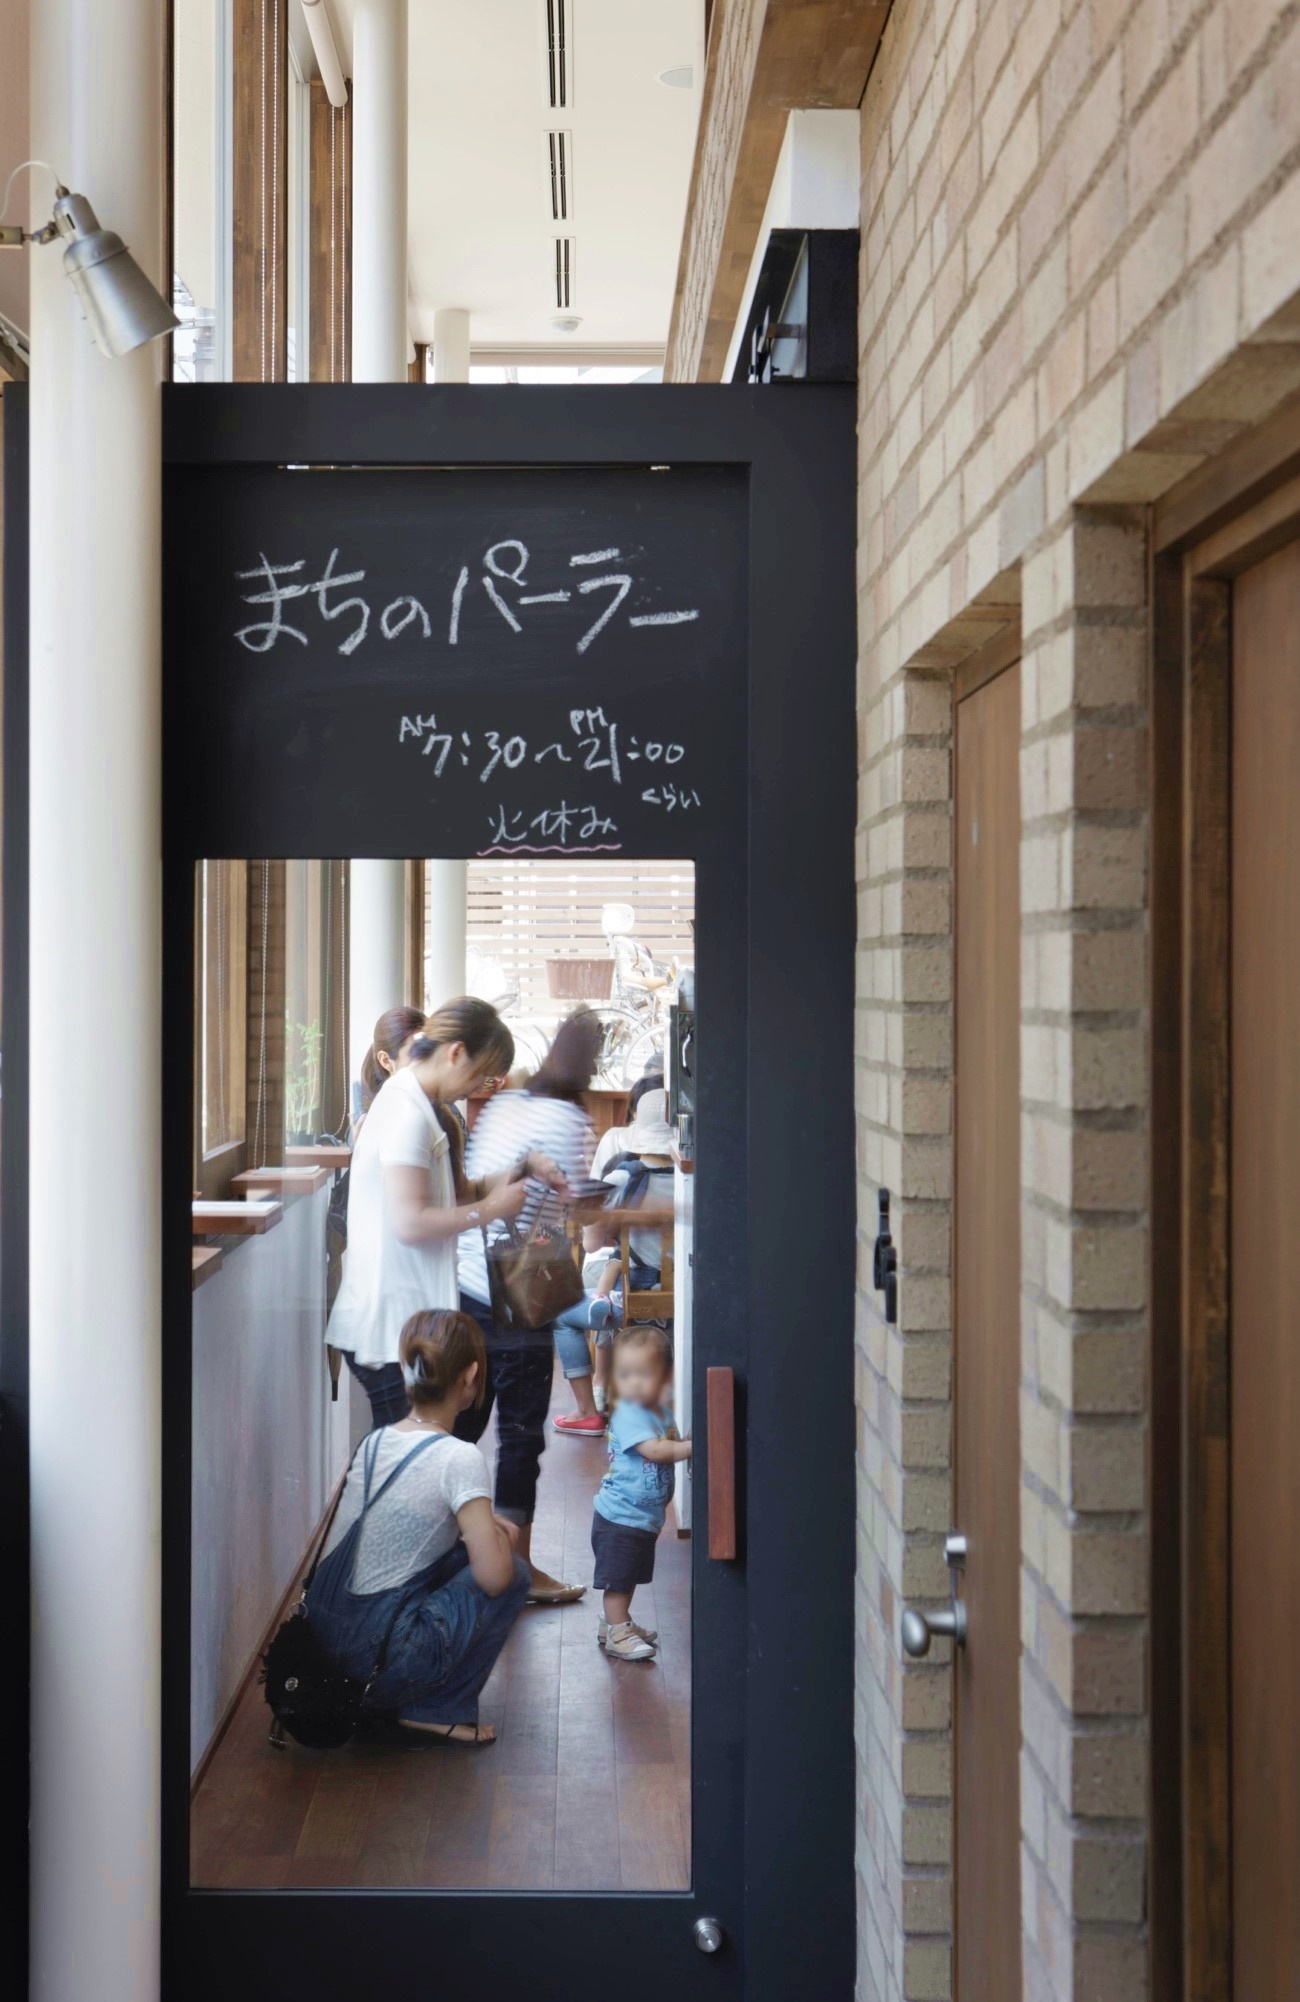 にぎわうまちのパーラー入口